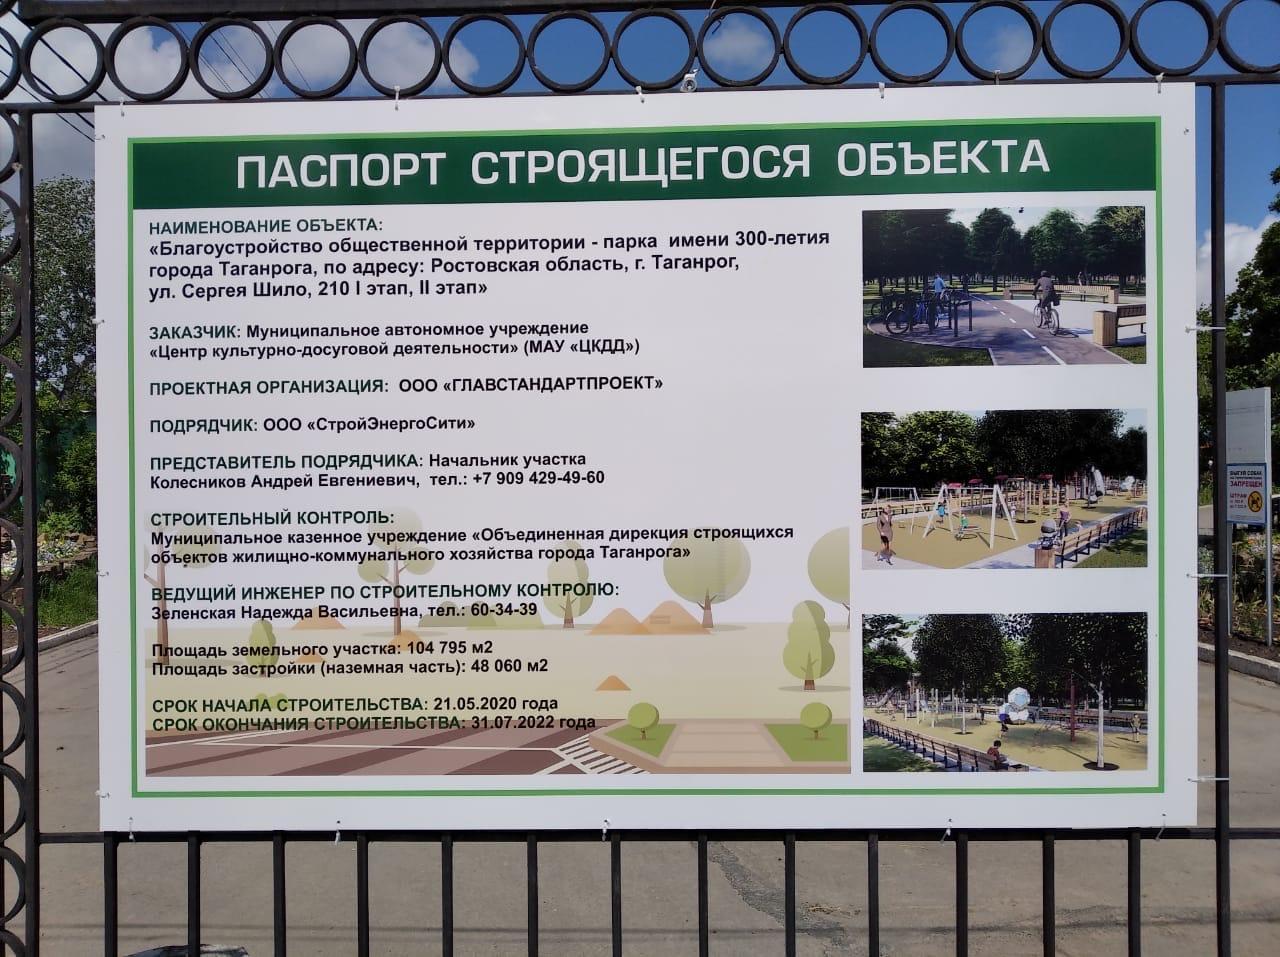 Благоустройство территории Парка 300-летия Таганрога планируют завершить 30 сентября 2020 года